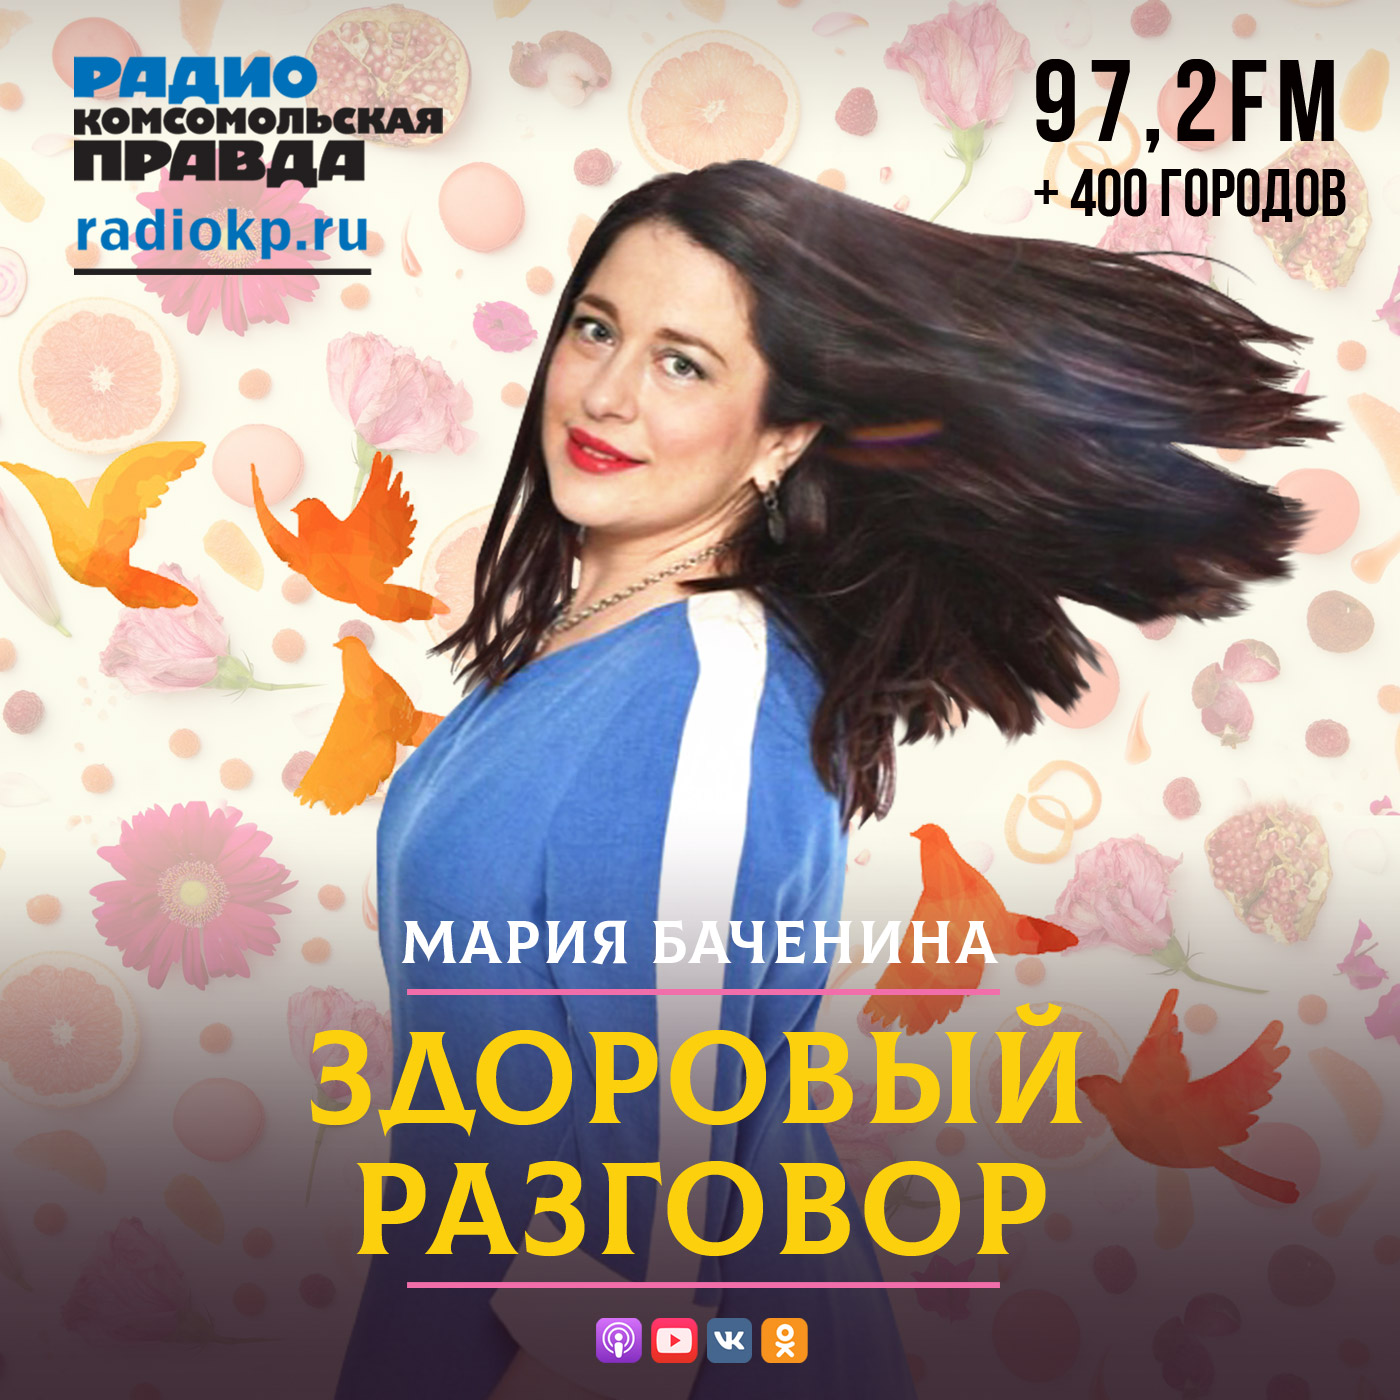 Здоровый разговор:Радио «Комсомольская правда»